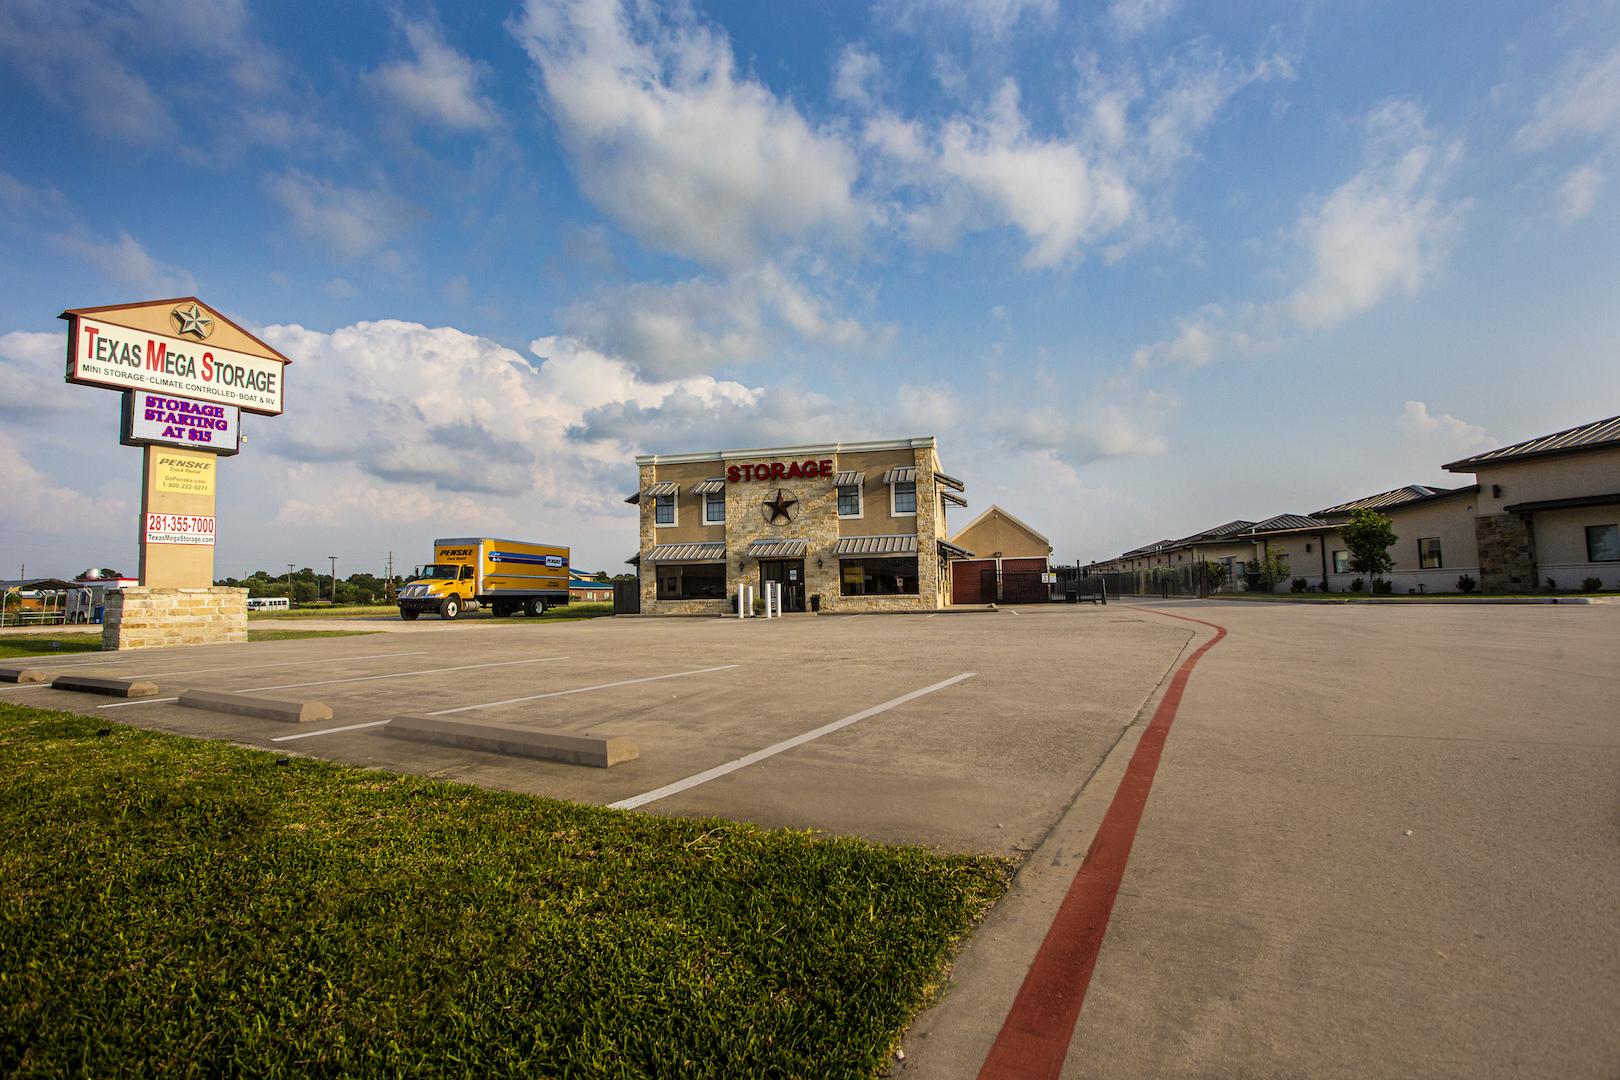 texas mega storage